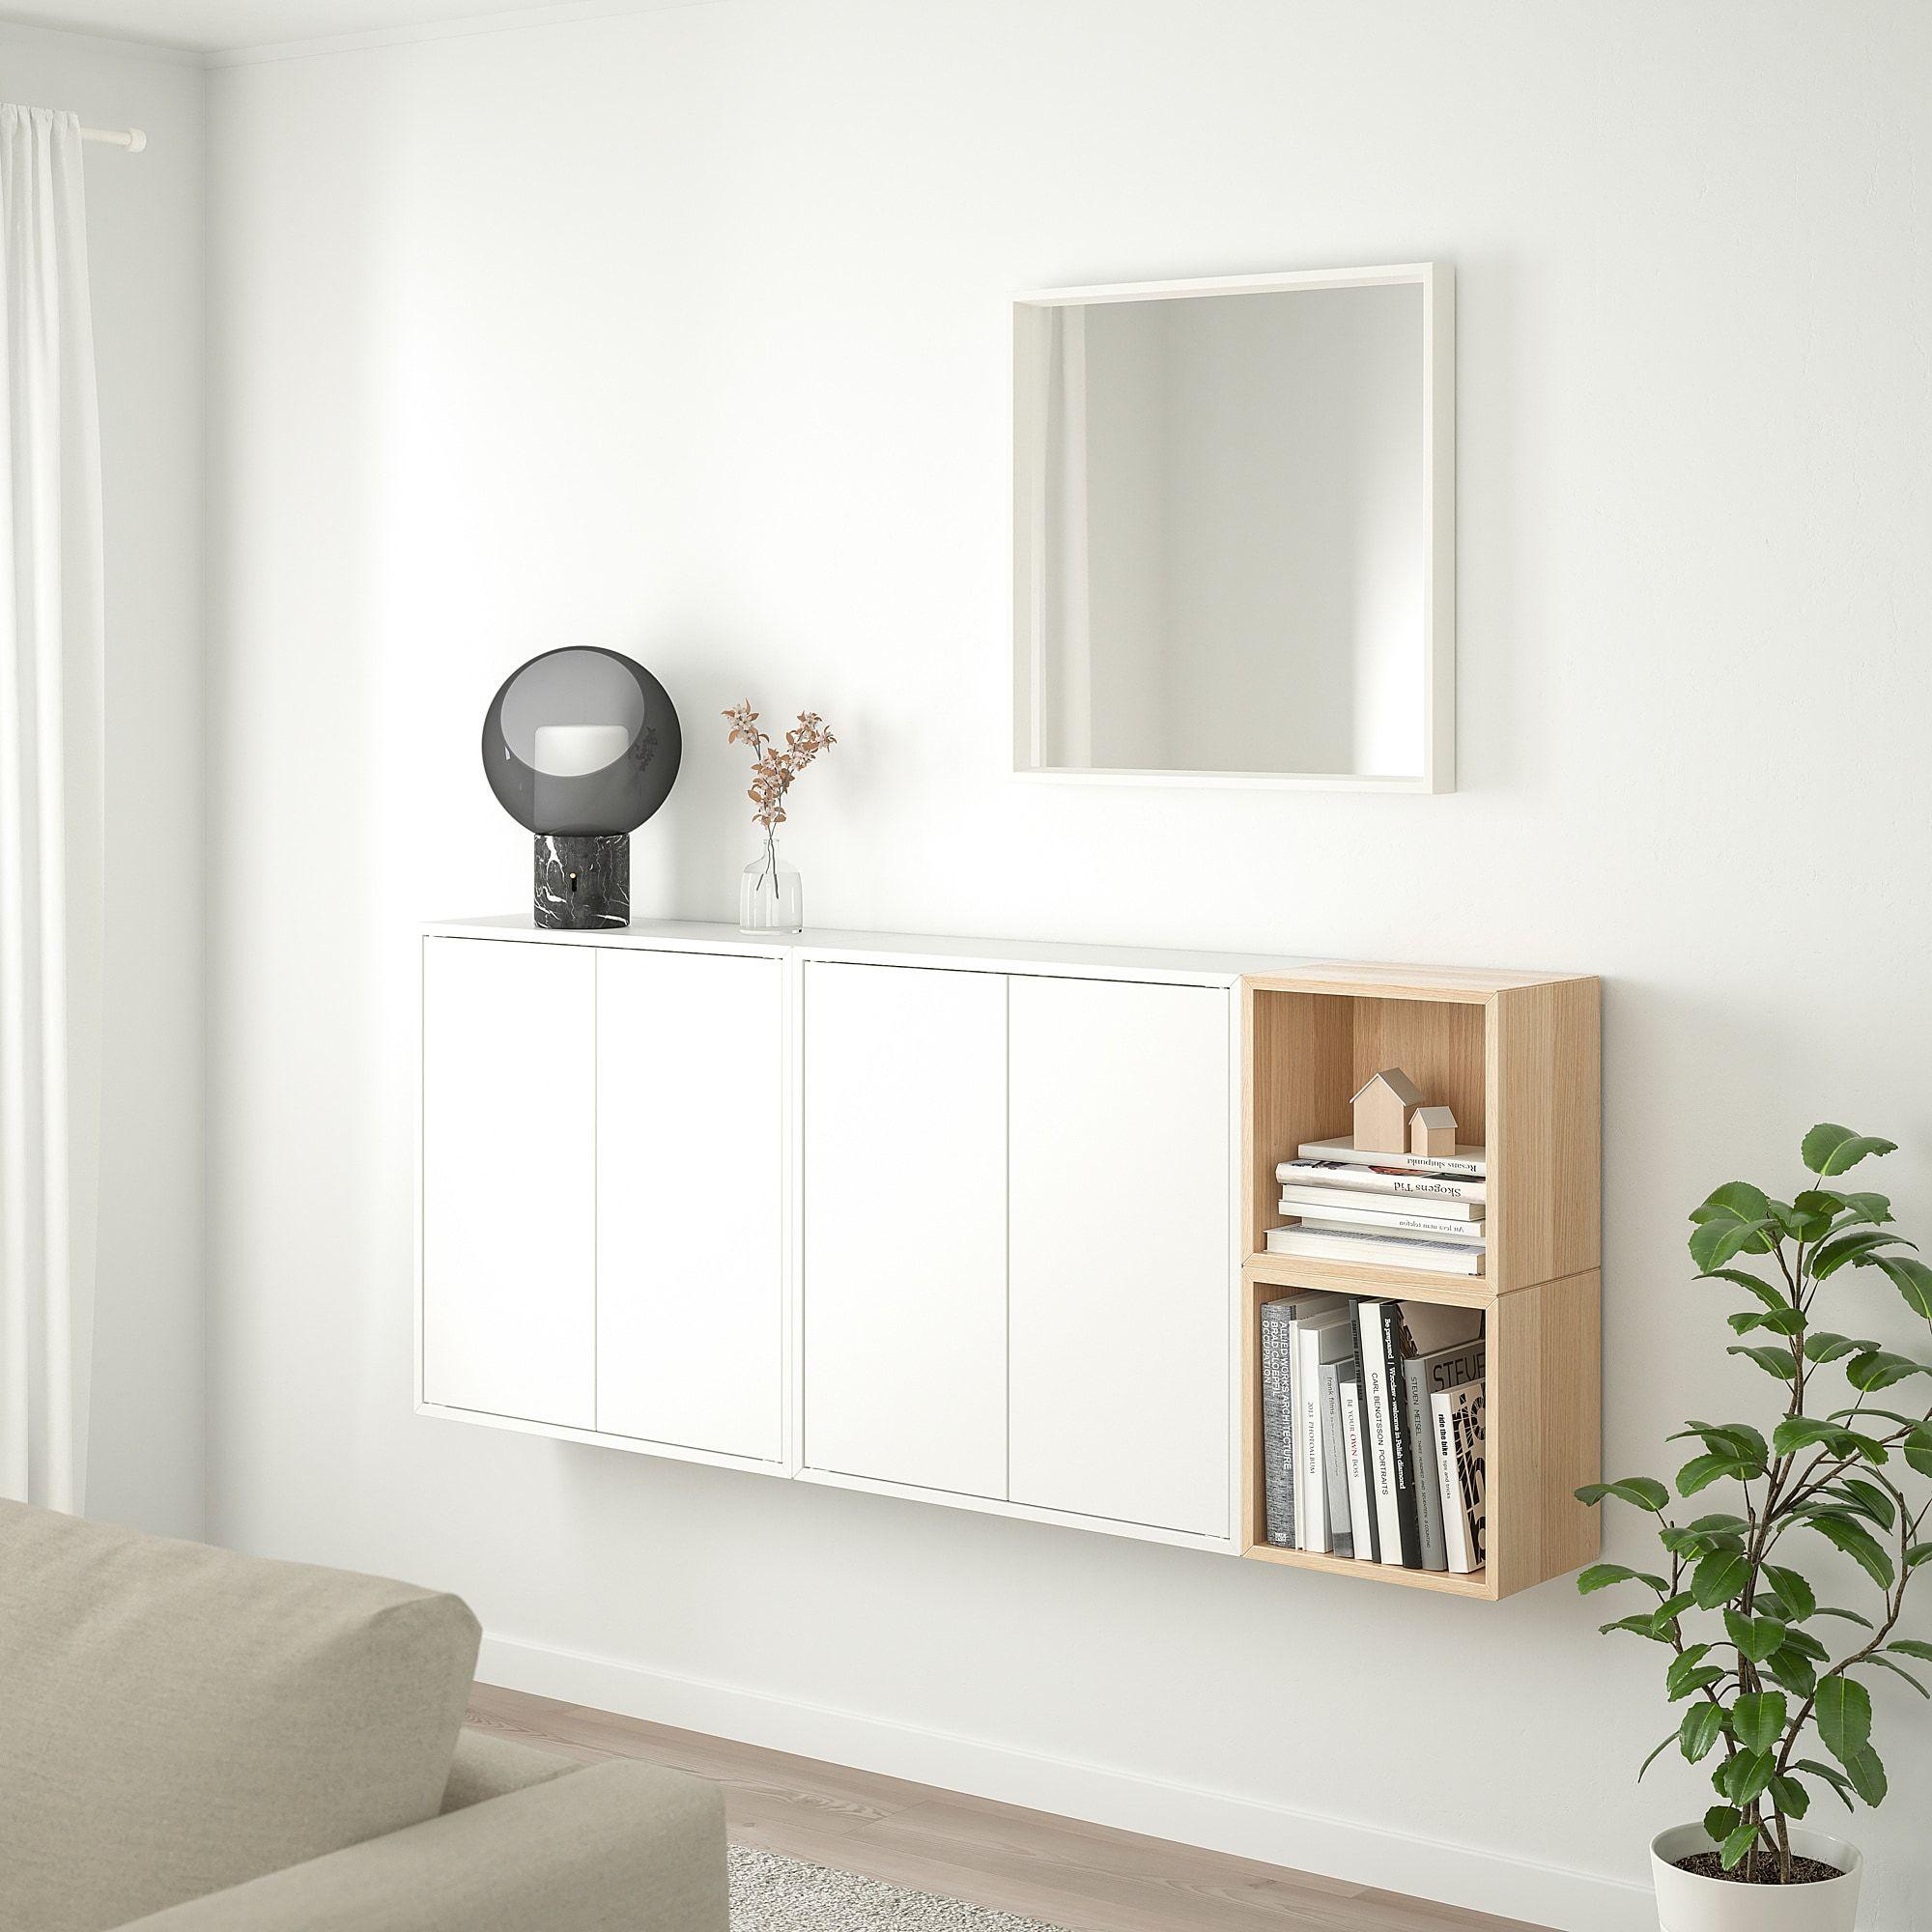 Photo of EKET Schrankkombination für Wandmontage – weiß, Eicheneff wlas – IKEA Österreich